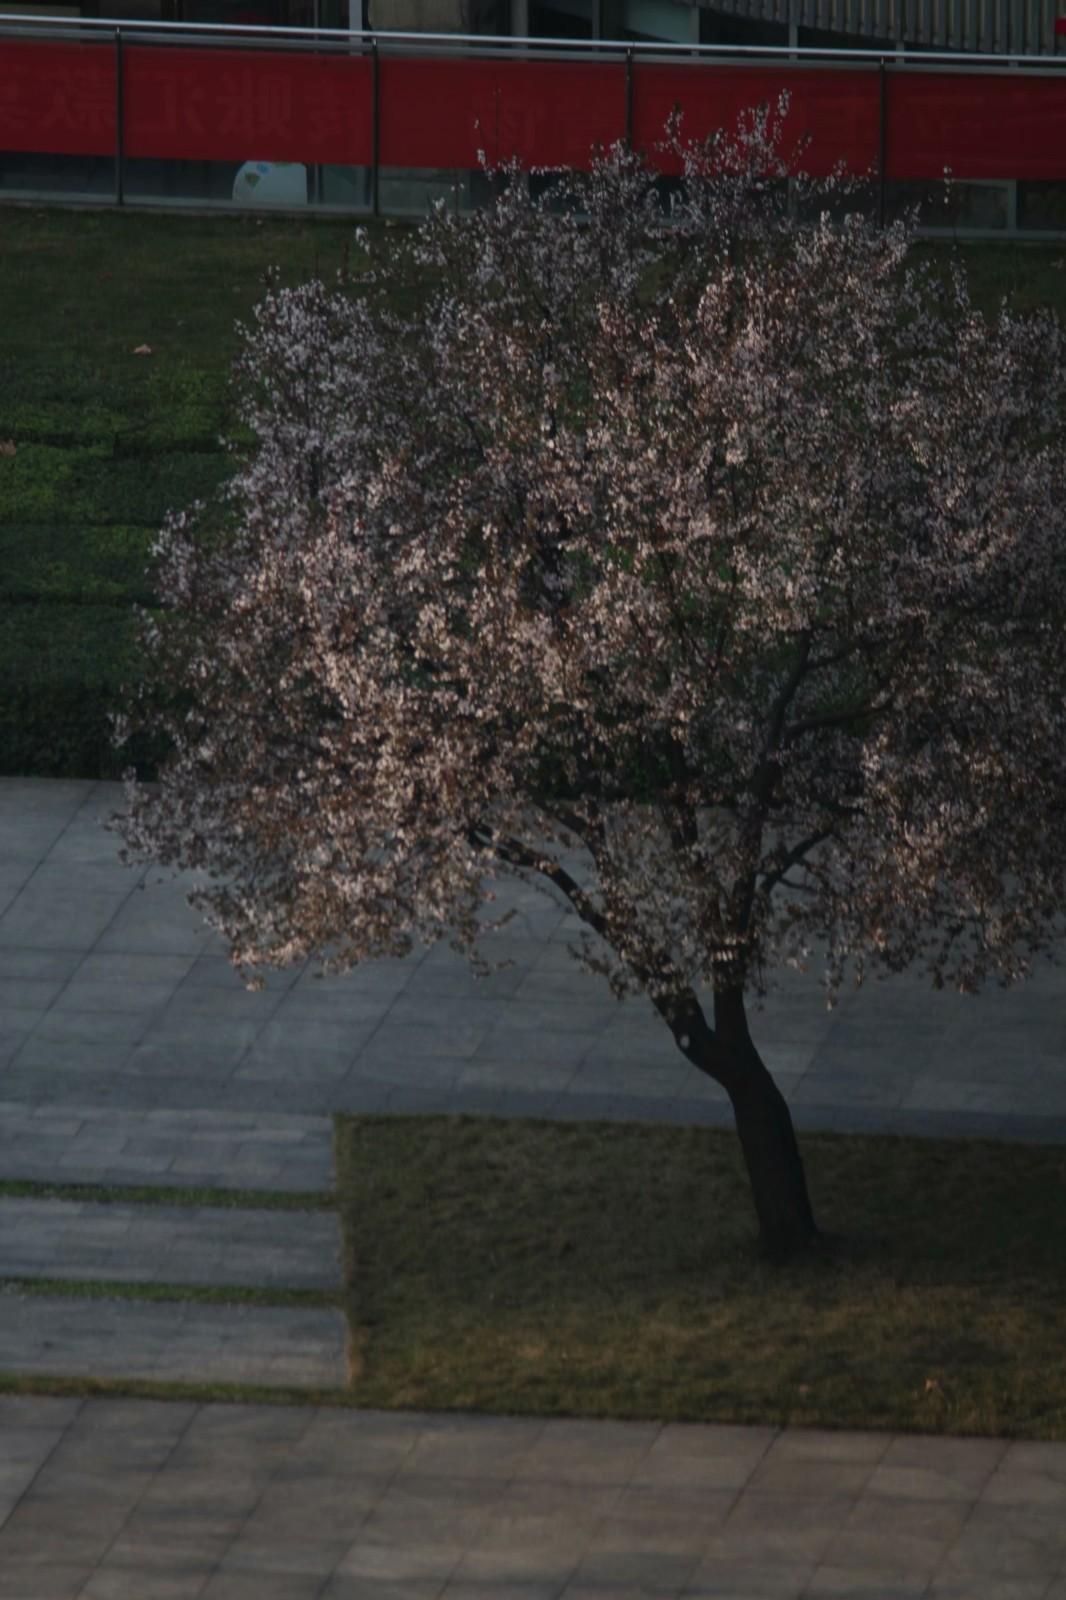 北窗外那棵树,那棵树,还是那棵树……_图1-2